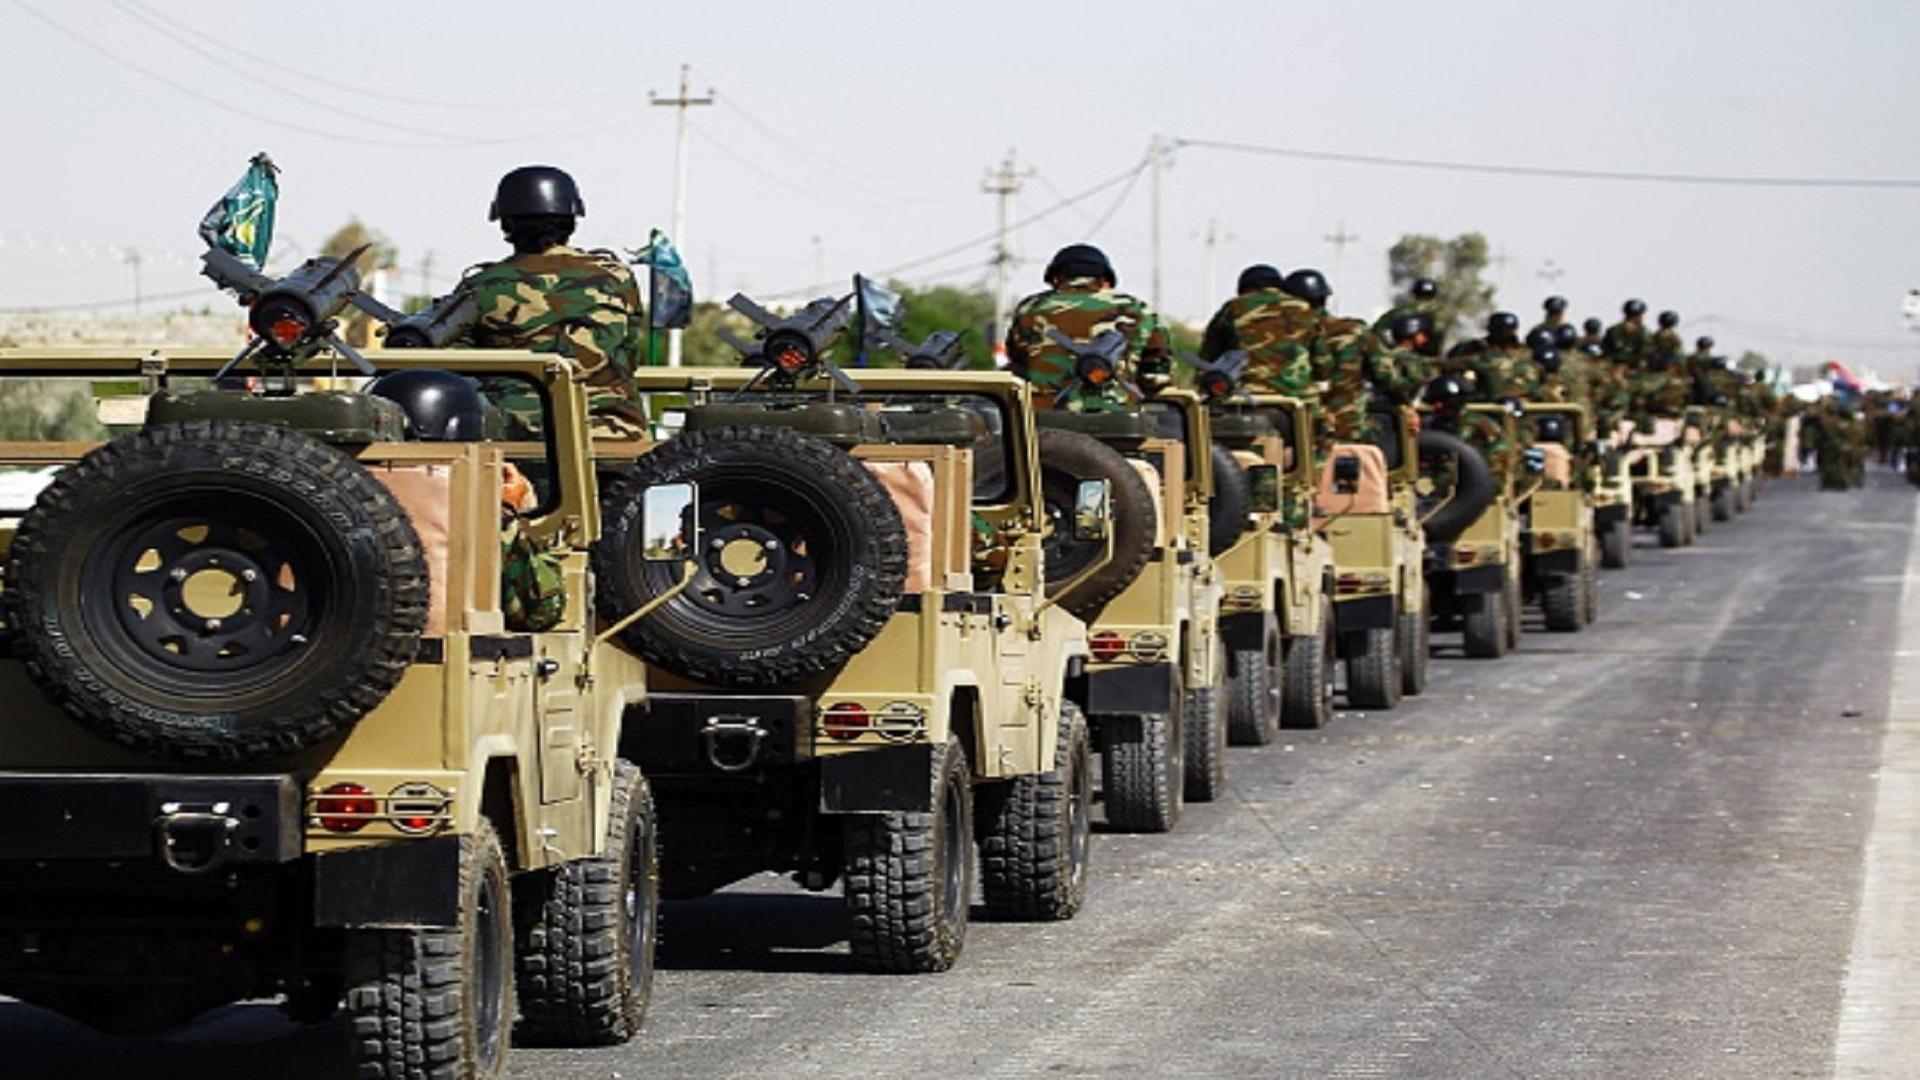 """""""داعش"""" ينهار في الموصل.. وإعلان تحريرها من قبضته خلال أيام"""